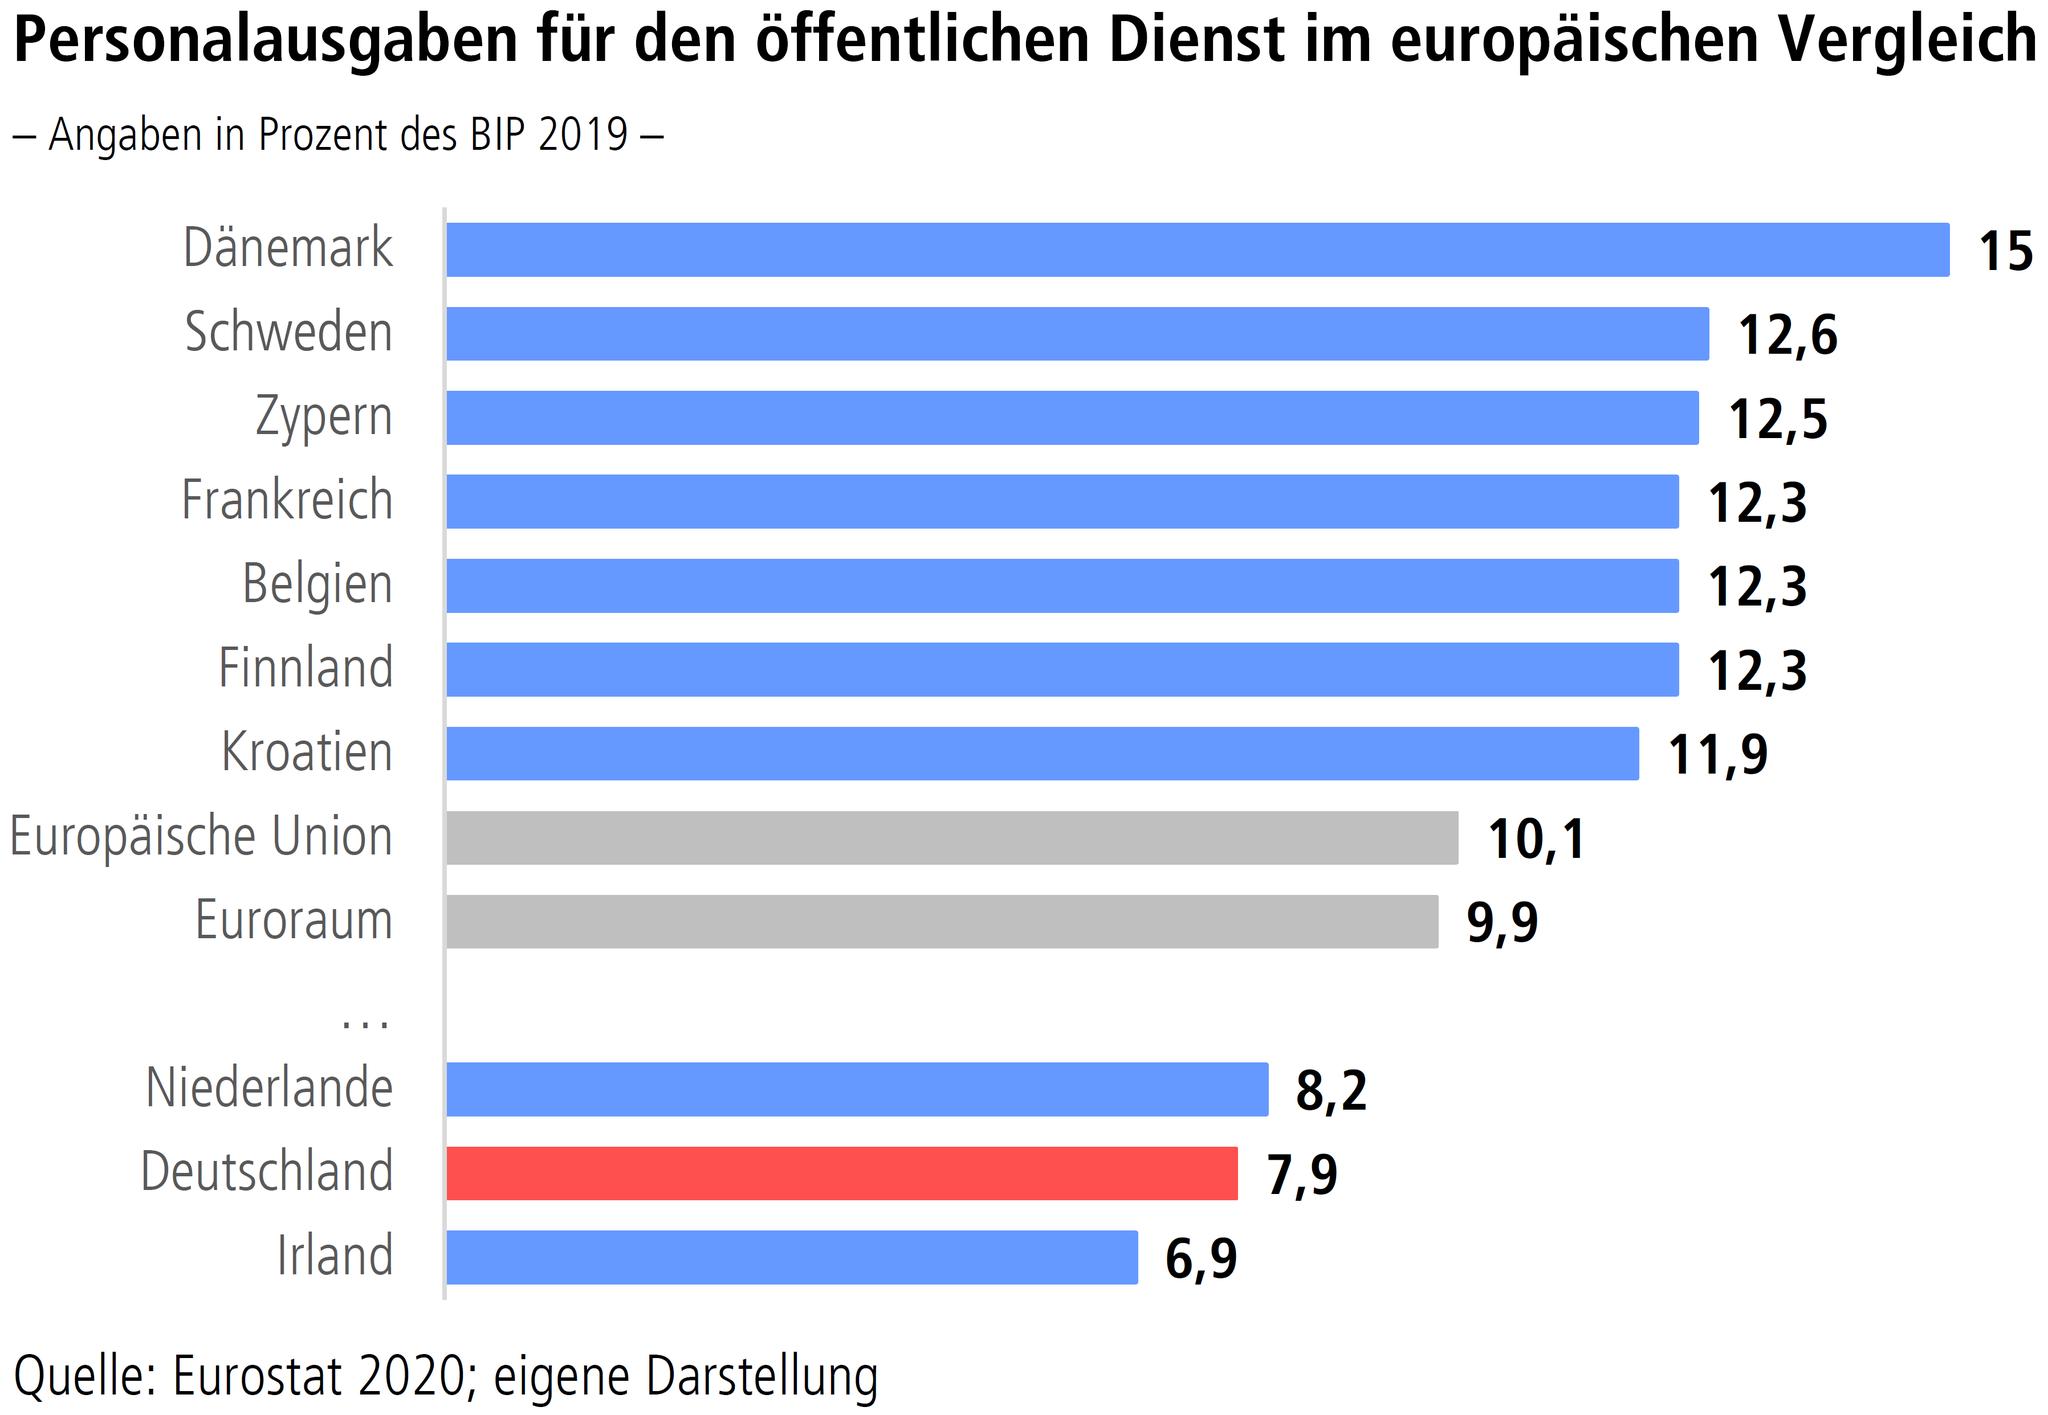 Personalausgaben für den öffentlichen Dienst im europäischen Vergleich